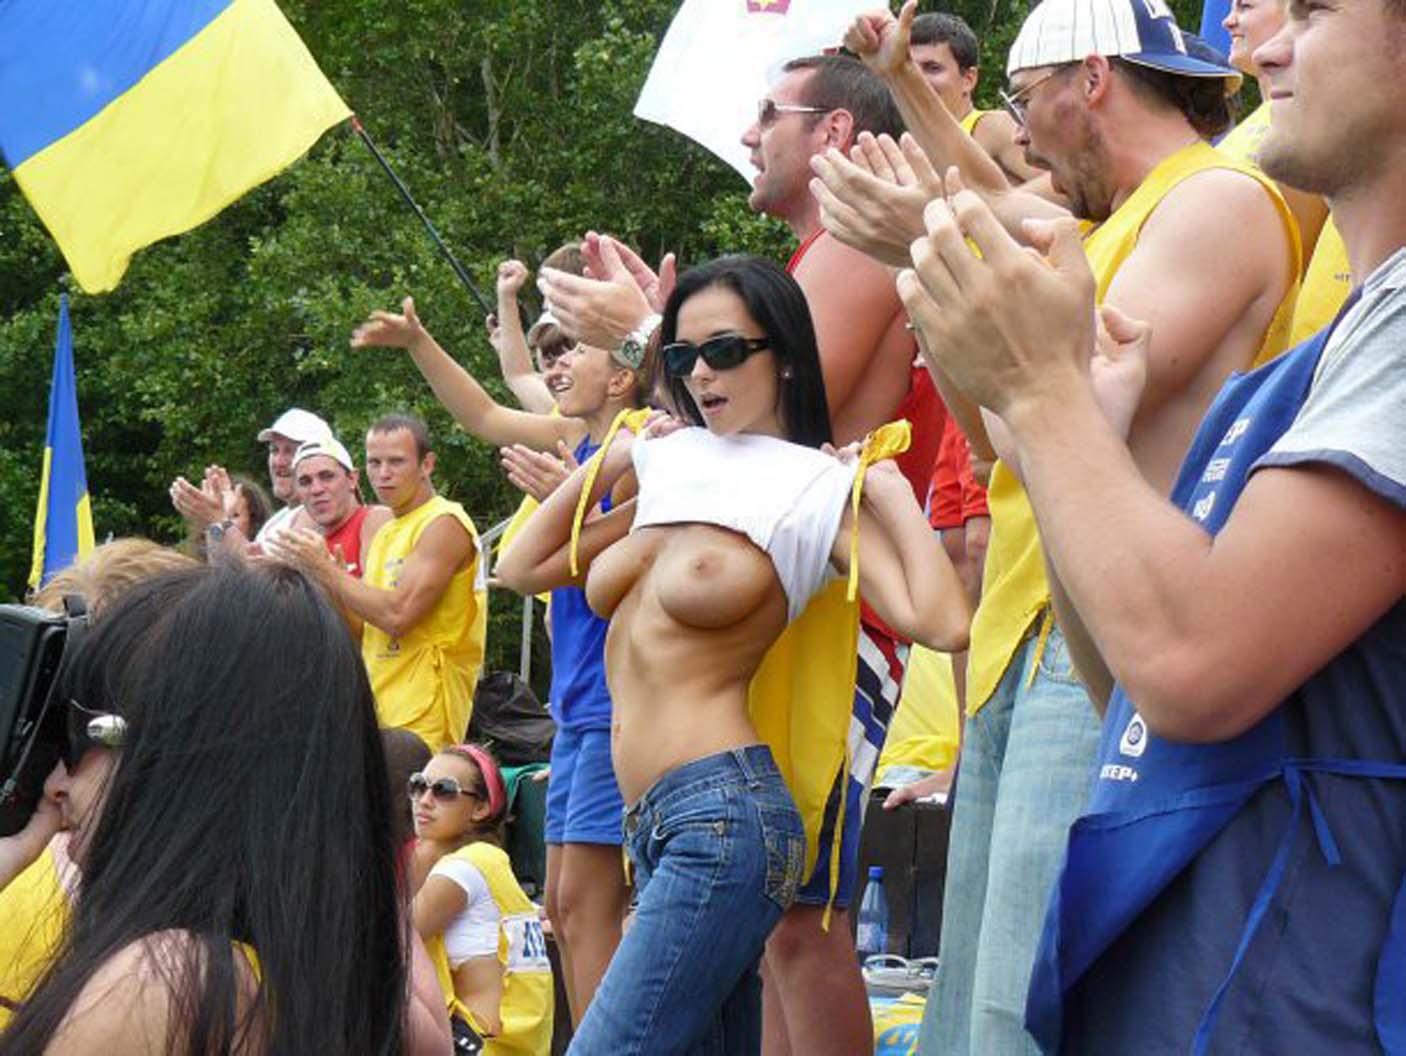 海外サッカーの美女サポーター、おっぱいポロリしても気づかないwwwwwwwwwwww(画像あり)・20枚目